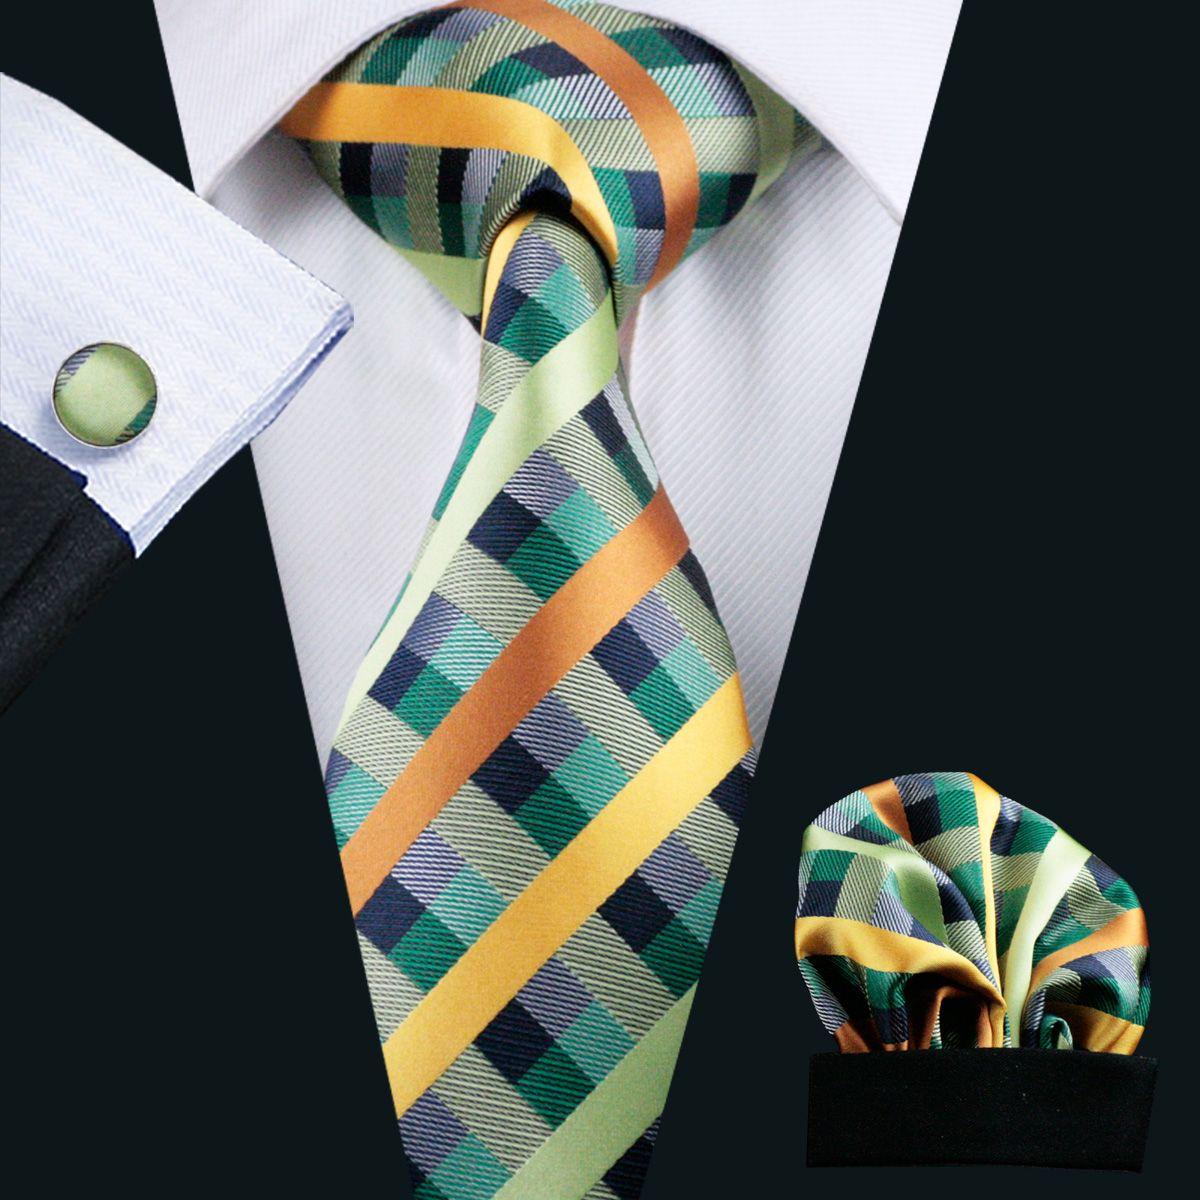 متعددة المشارب رجل الرقبة التعادل مجموعة التلبيب و منديل الأزياء الحرير الجاكار برقبة العلاقات ربطة العنق woben للرجال N-0218